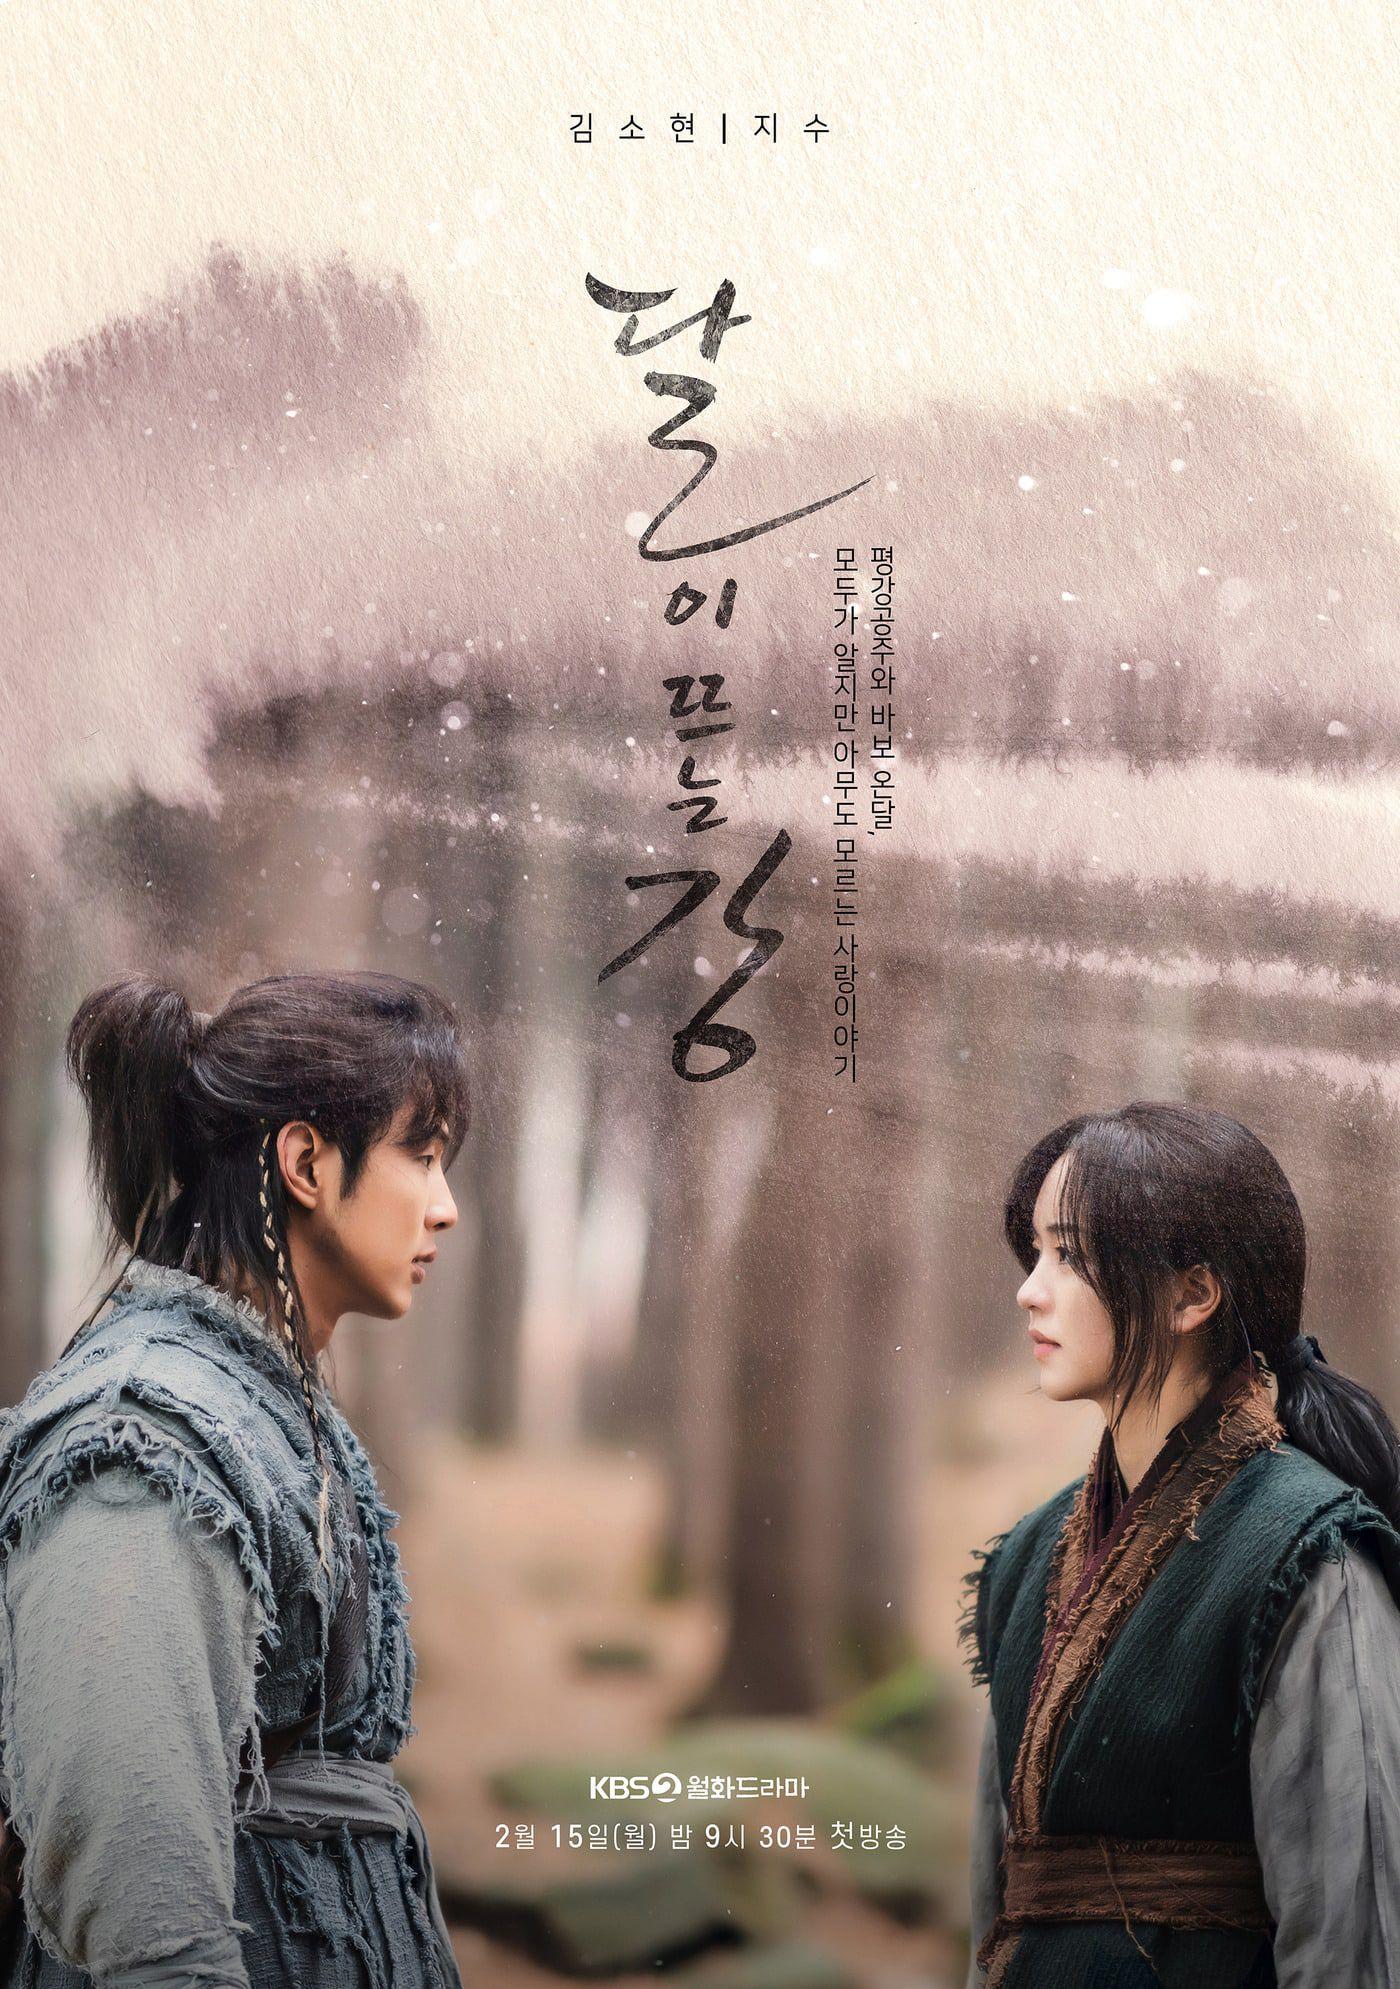 Phim lên sóng KBS từ 21h30 (giờ địa phương), từ ngày 15/2 (